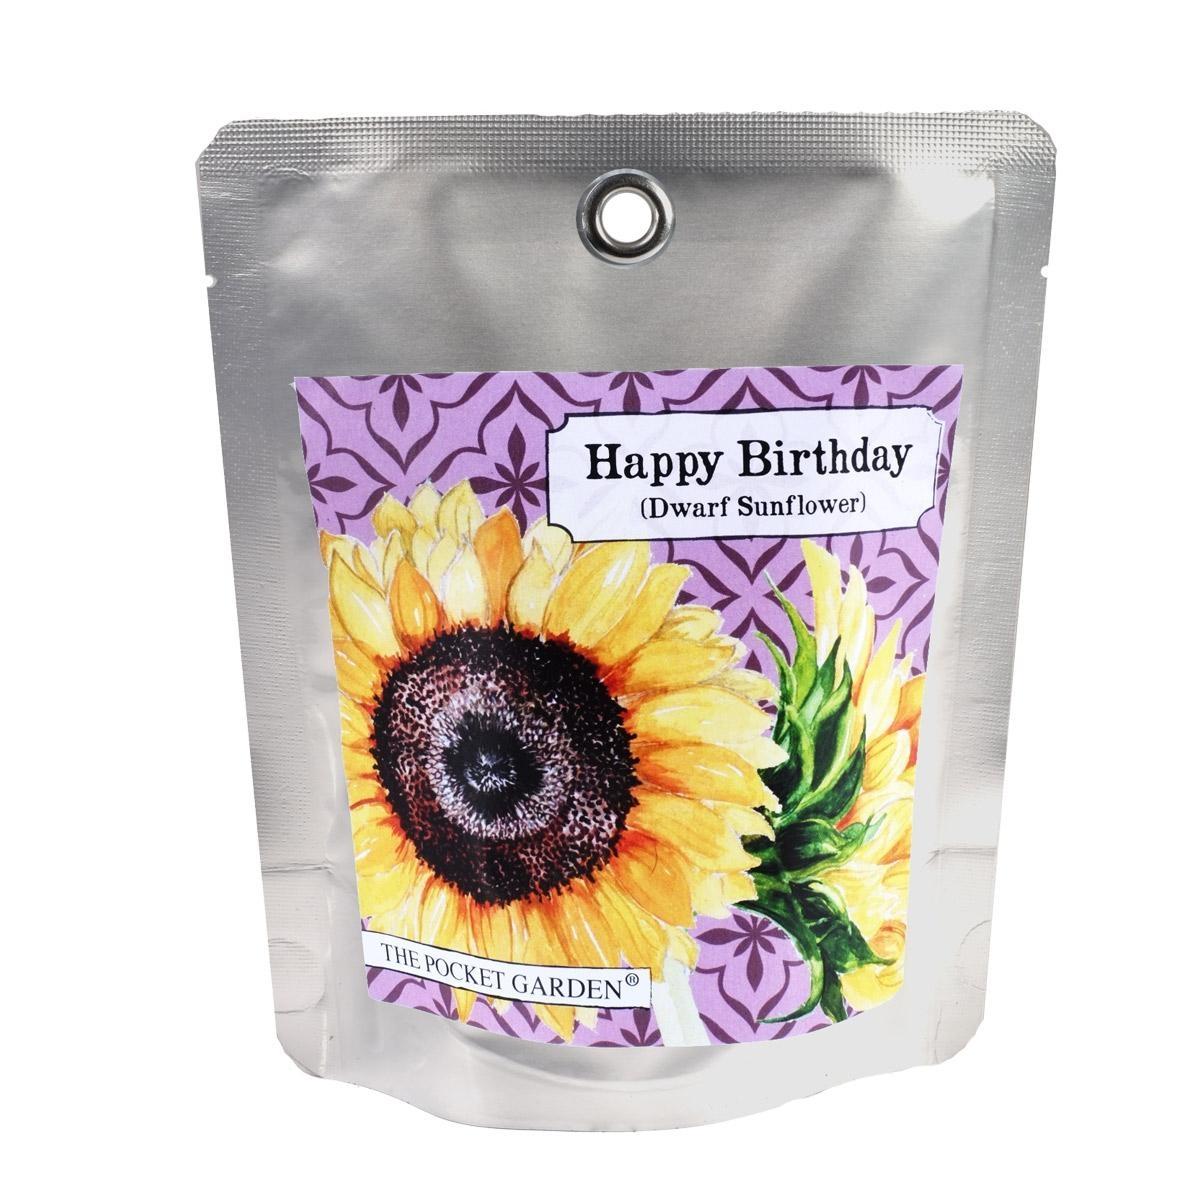 Domácí zahrádka Canova Pocket Garden - trpasličí slunečnice